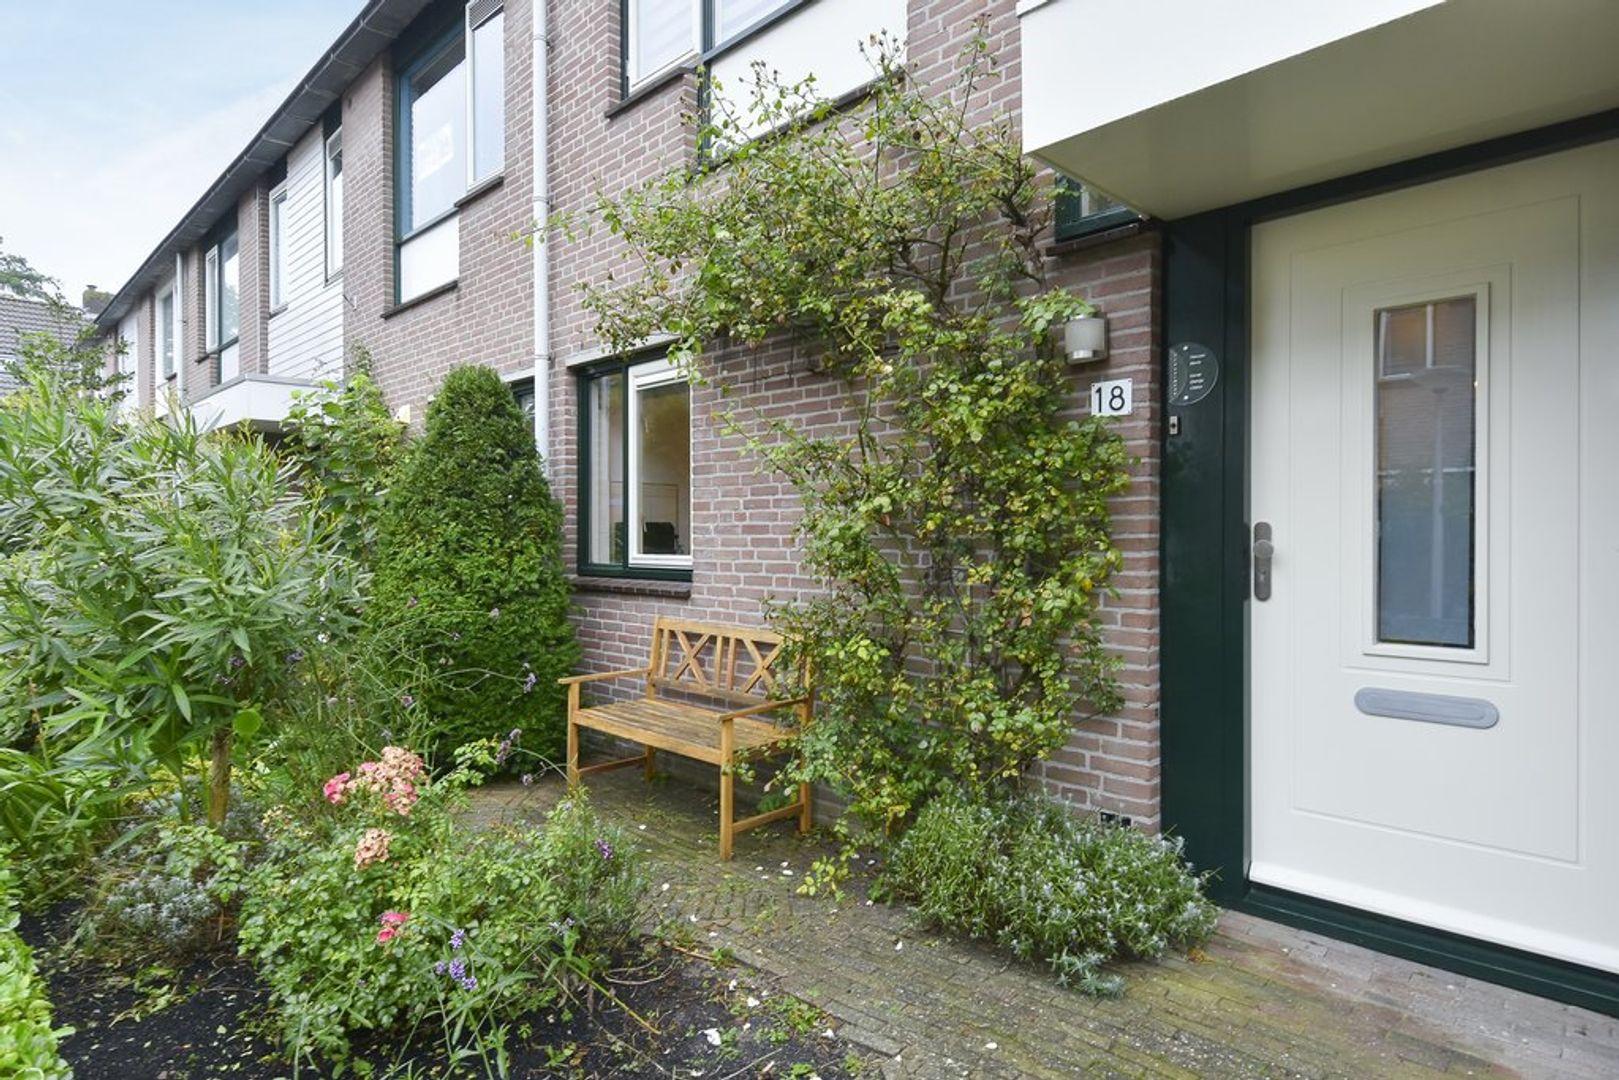 Boliviastraat 18, Delft foto-33